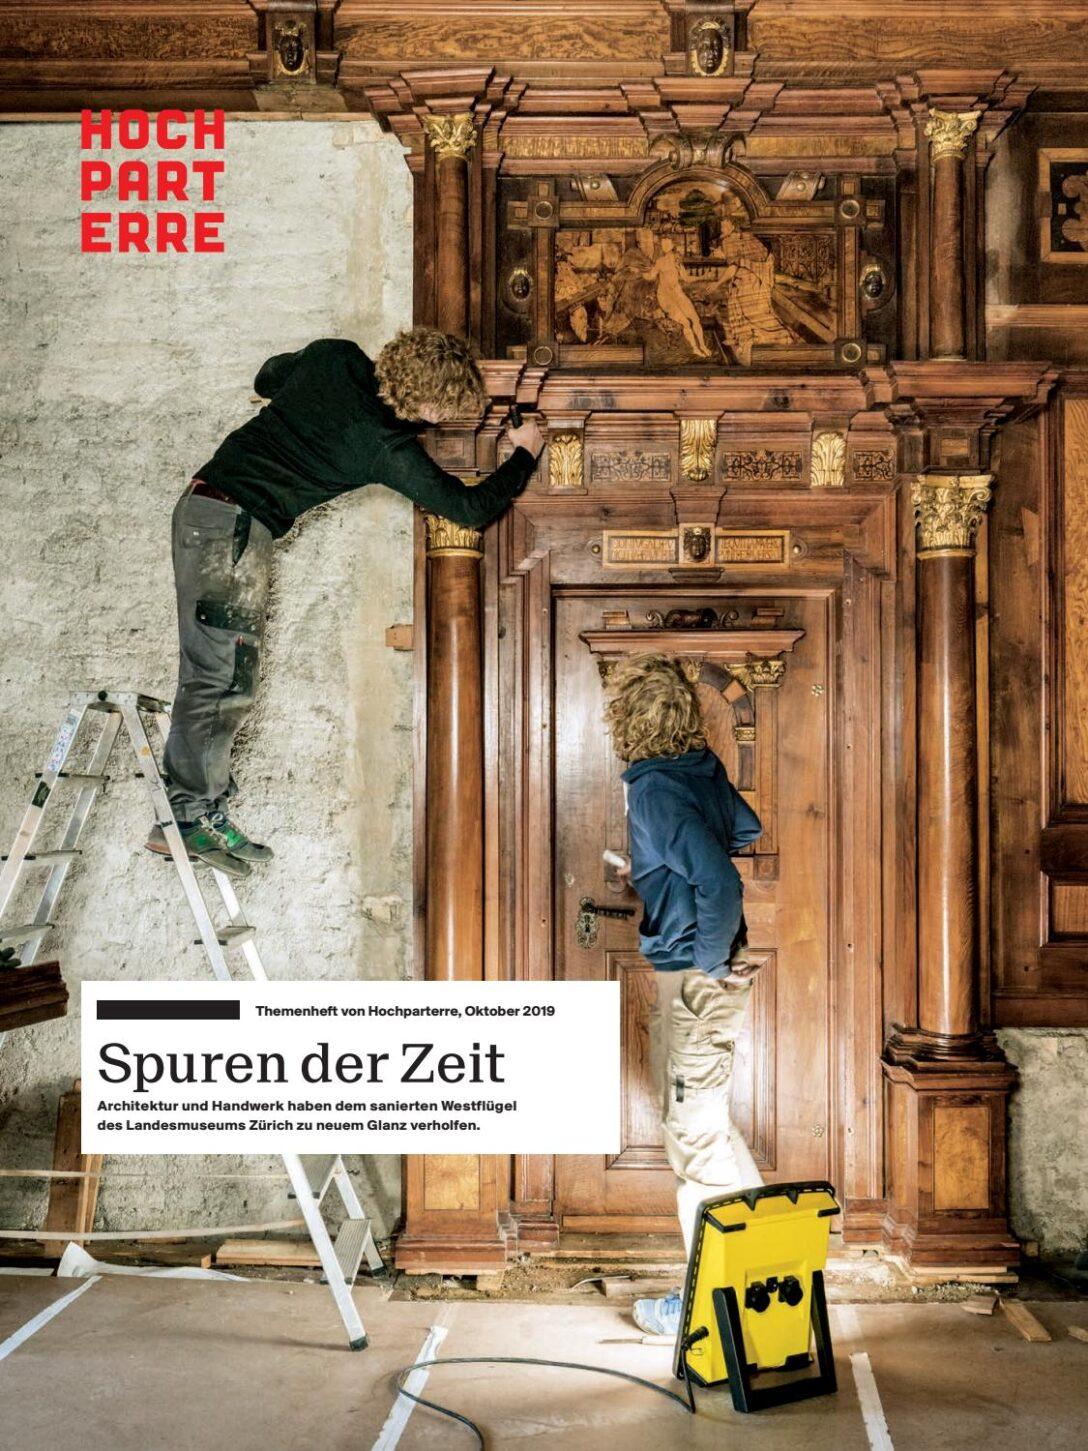 Large Size of Spuren Der Zeit By Hochparterre Ag Bauhaus Fenster Wohnzimmer Eichenbalken Bauhaus